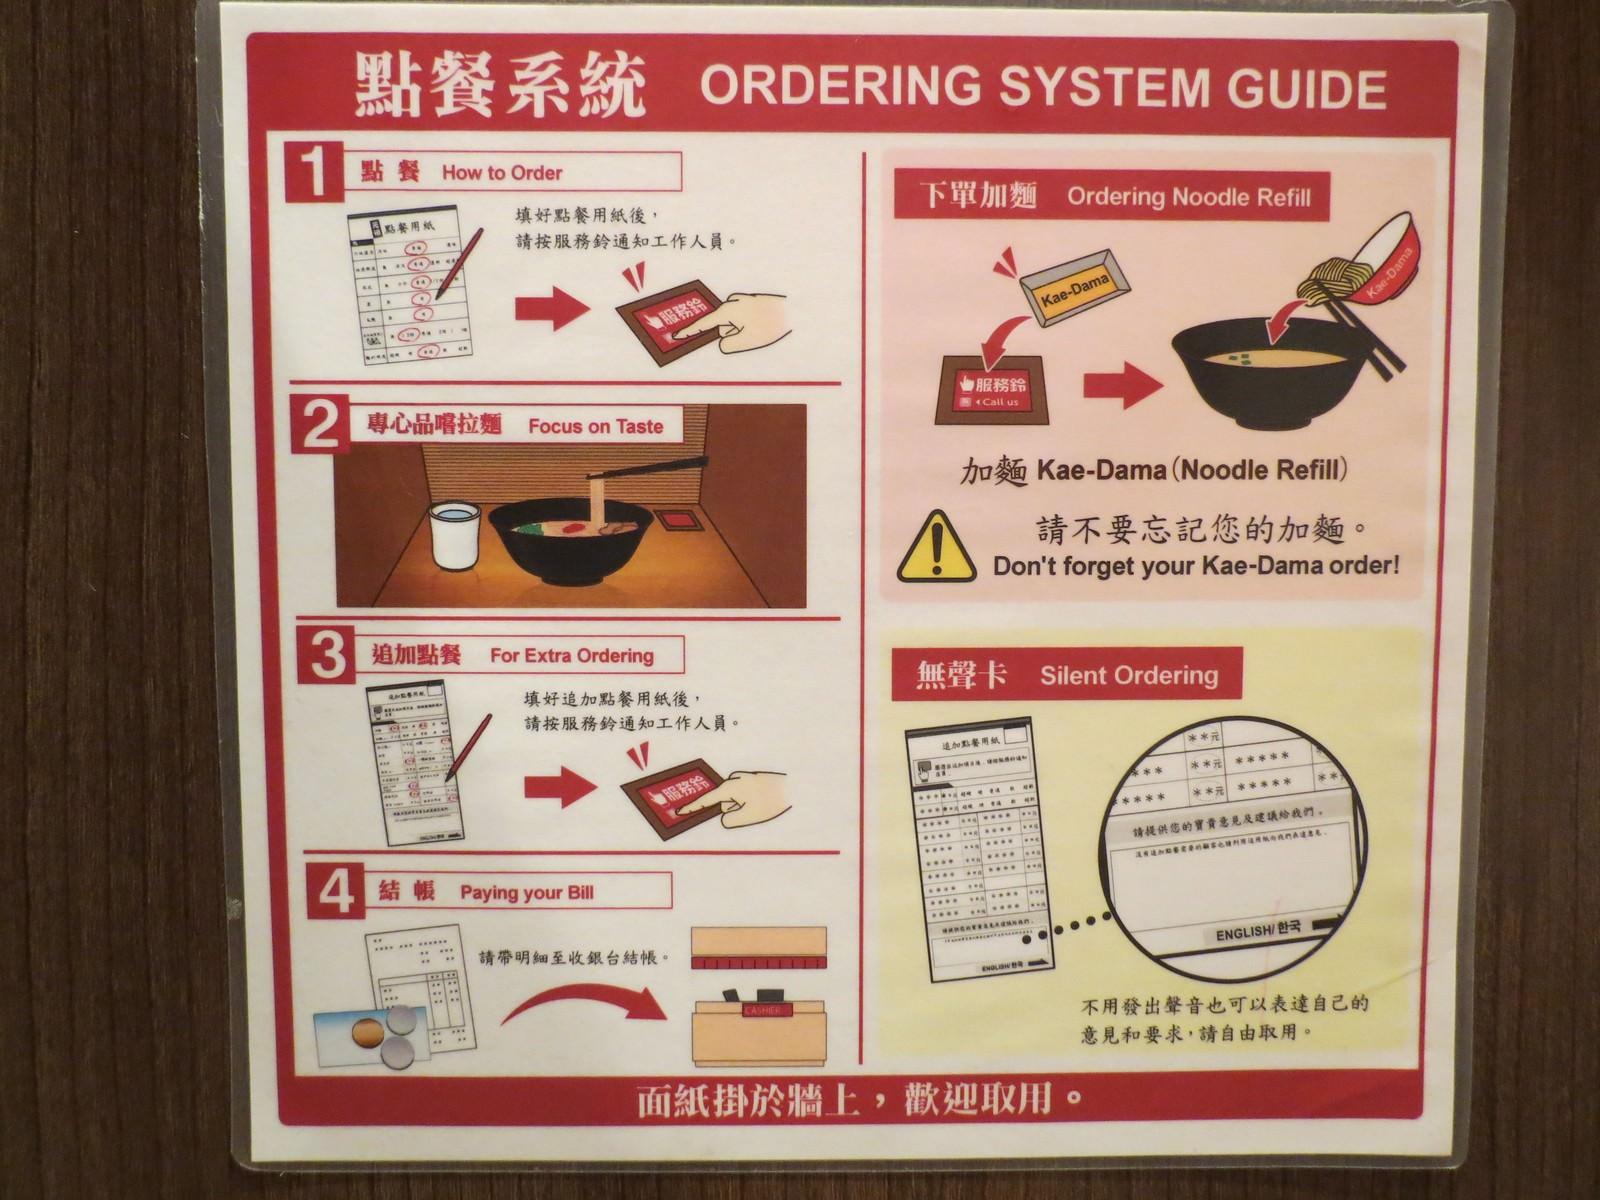 天然豚骨拉麵專門店一蘭@台灣台北本店, 解說牌